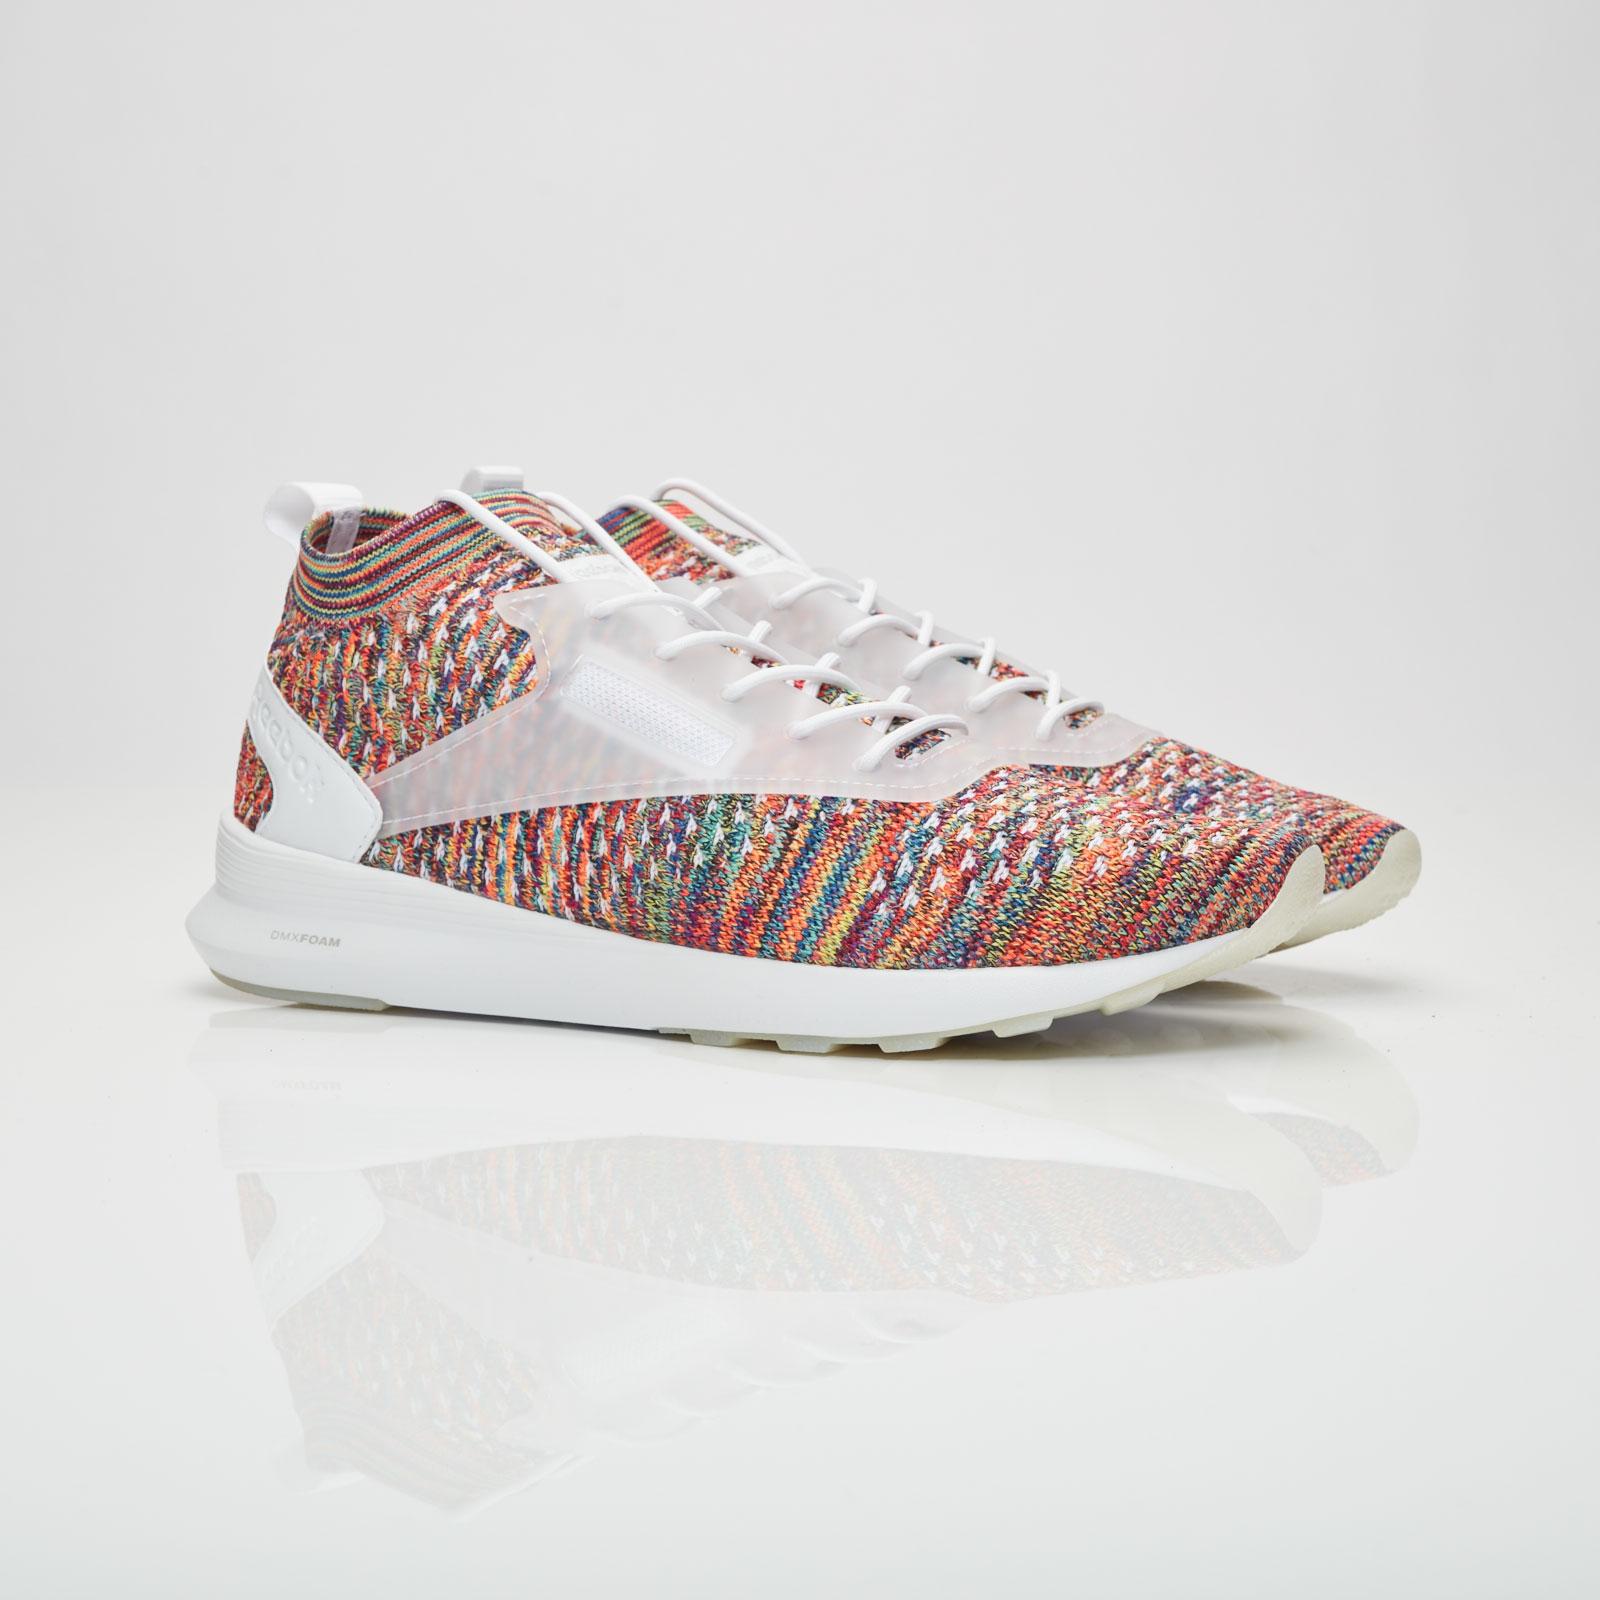 Reebok Zoku Runner - Bs7840 - Sneakersnstuff  7f4317137